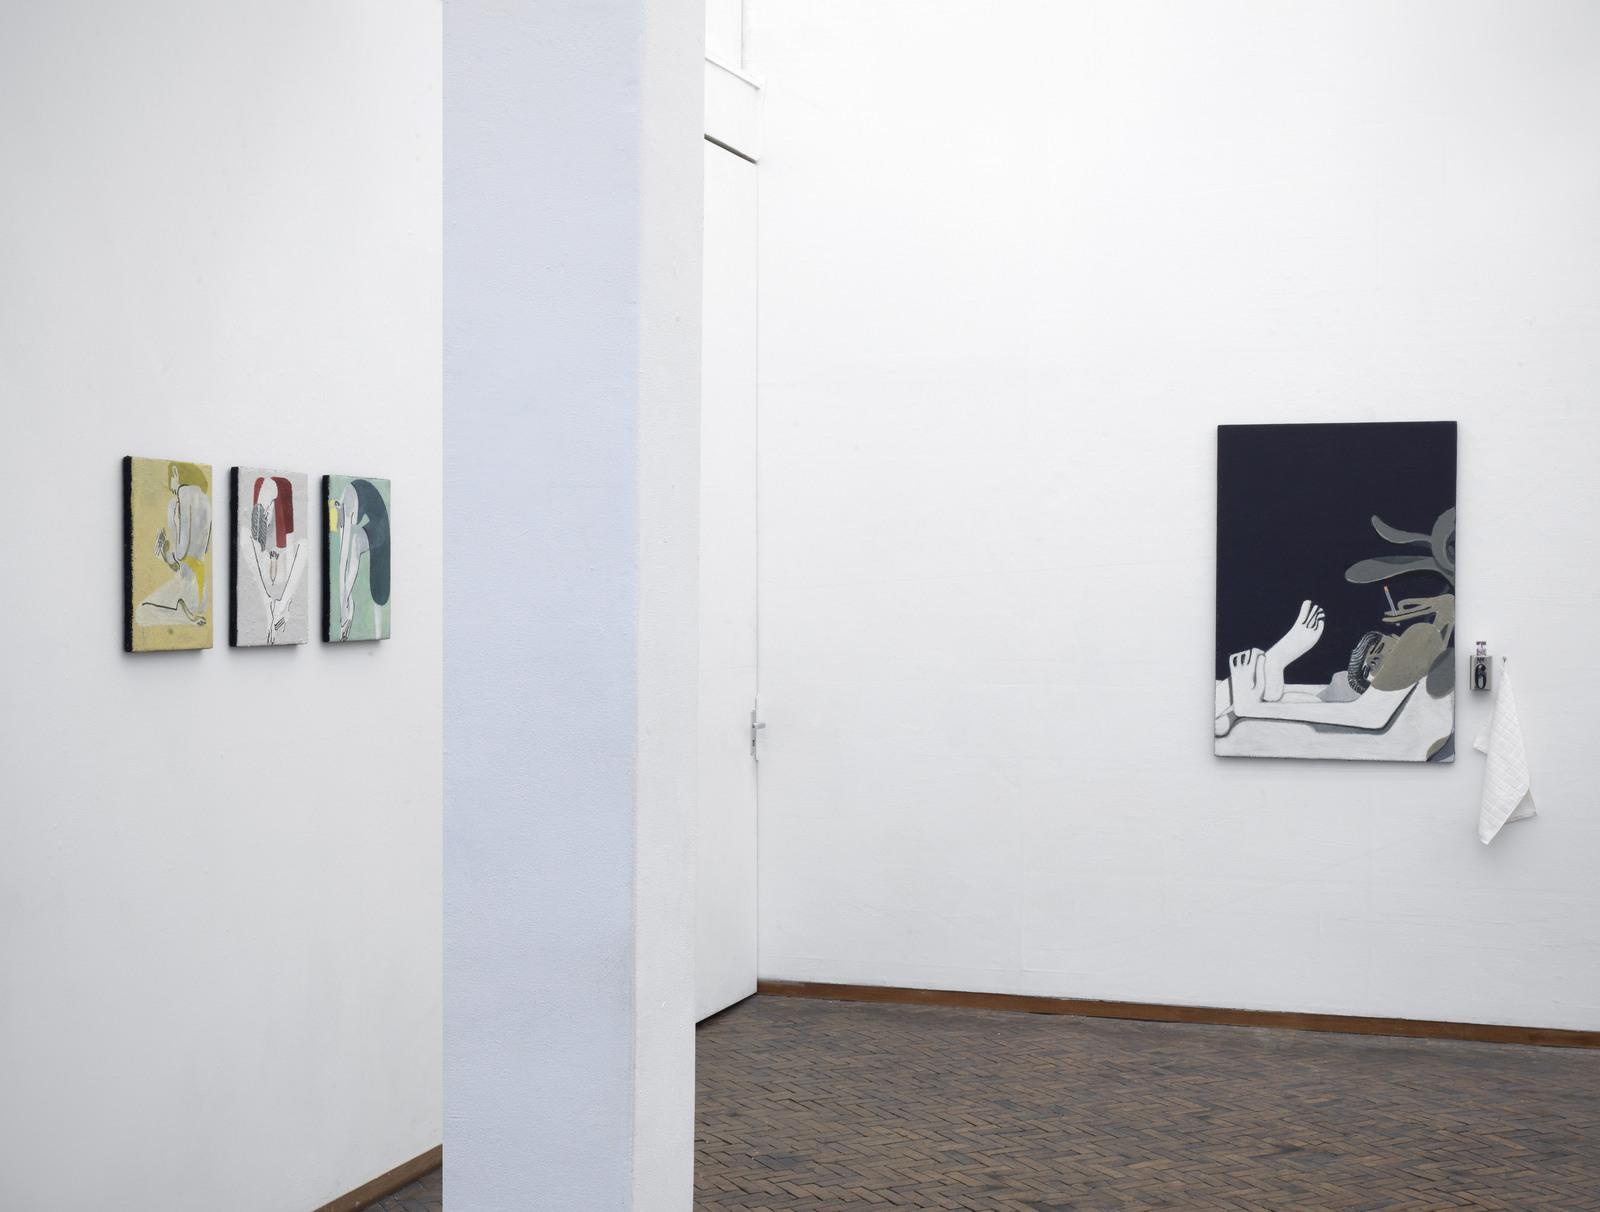 024.GERHARD HOFLAND GALERIE -LENZ GEERK 2016-PH.GJ.vanROOIJ